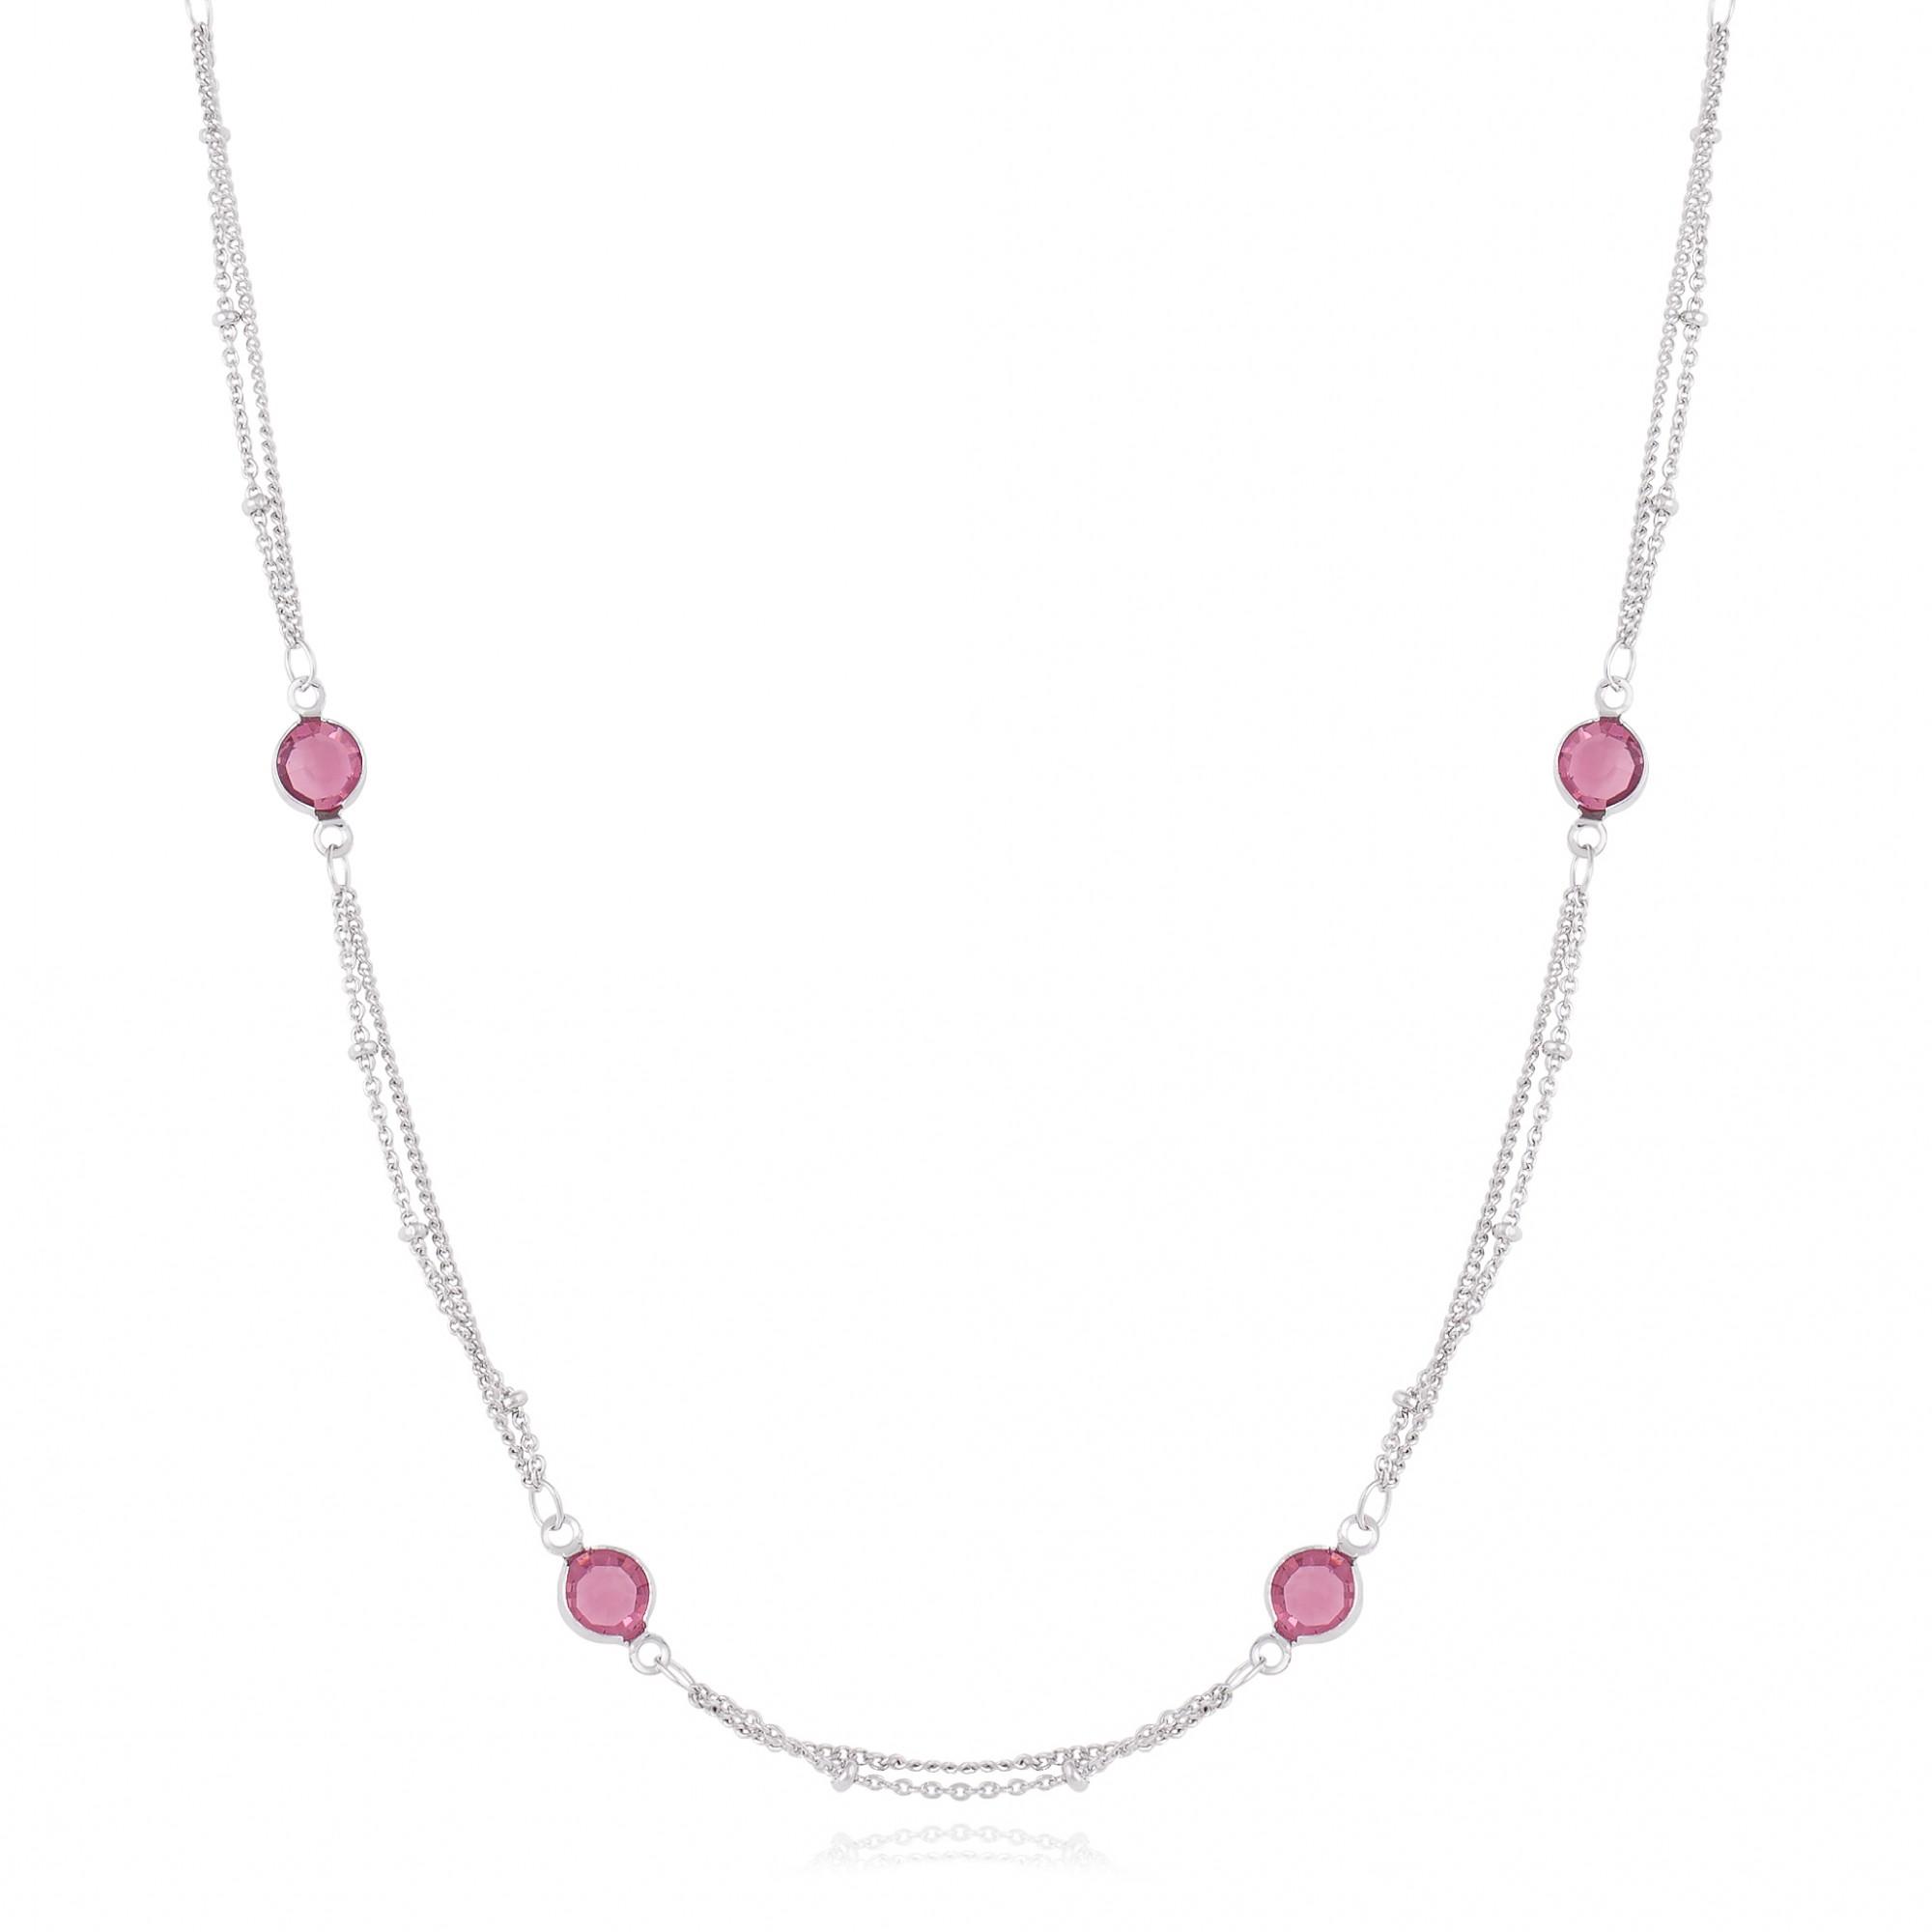 Colar com cristais roxos banho de ródio branco.  - bfdecor.com.br